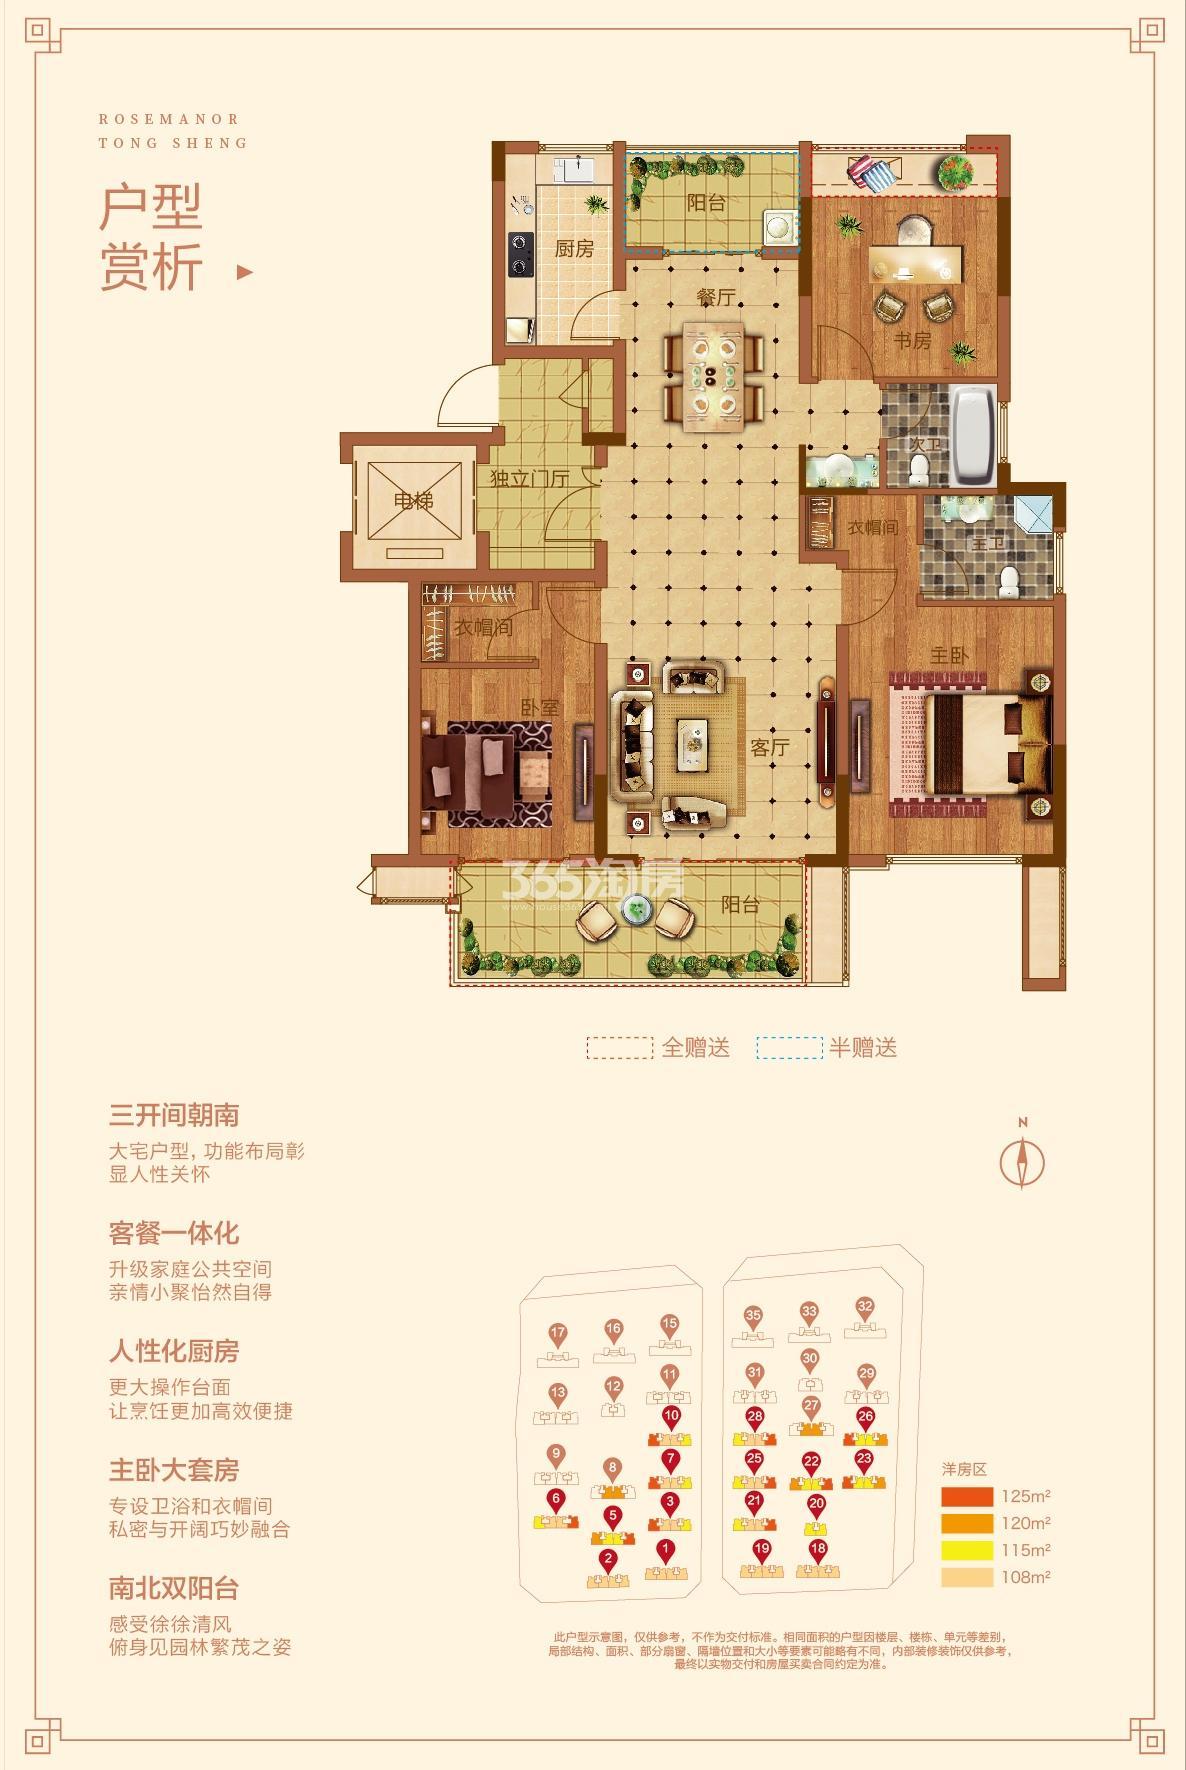 同昇玫瑰庄园Y1: 三室 二厅 二卫 108-125㎡